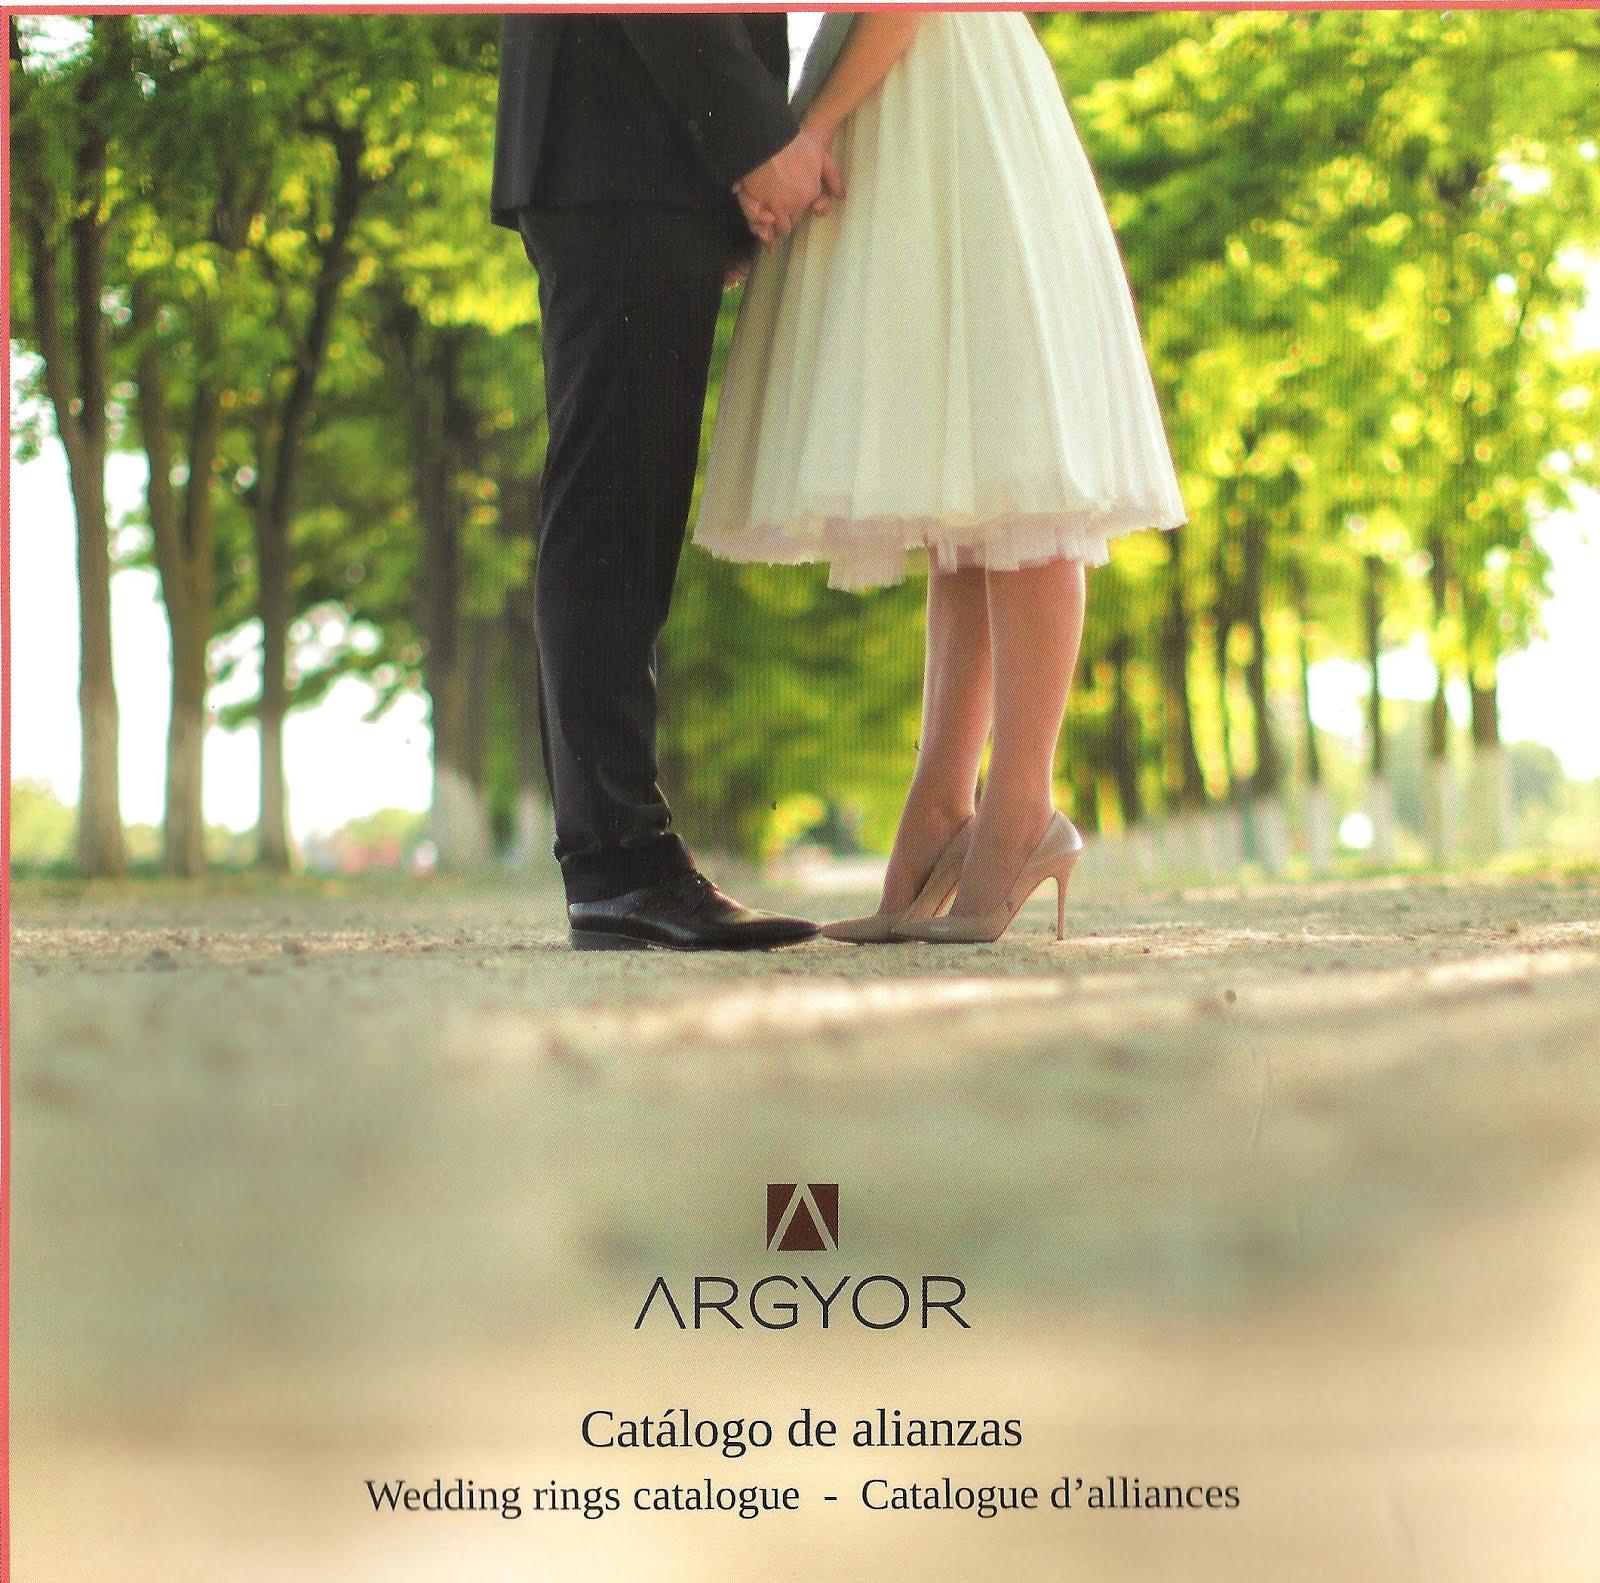 Nuevo Catálogo de Alianzas Argyor